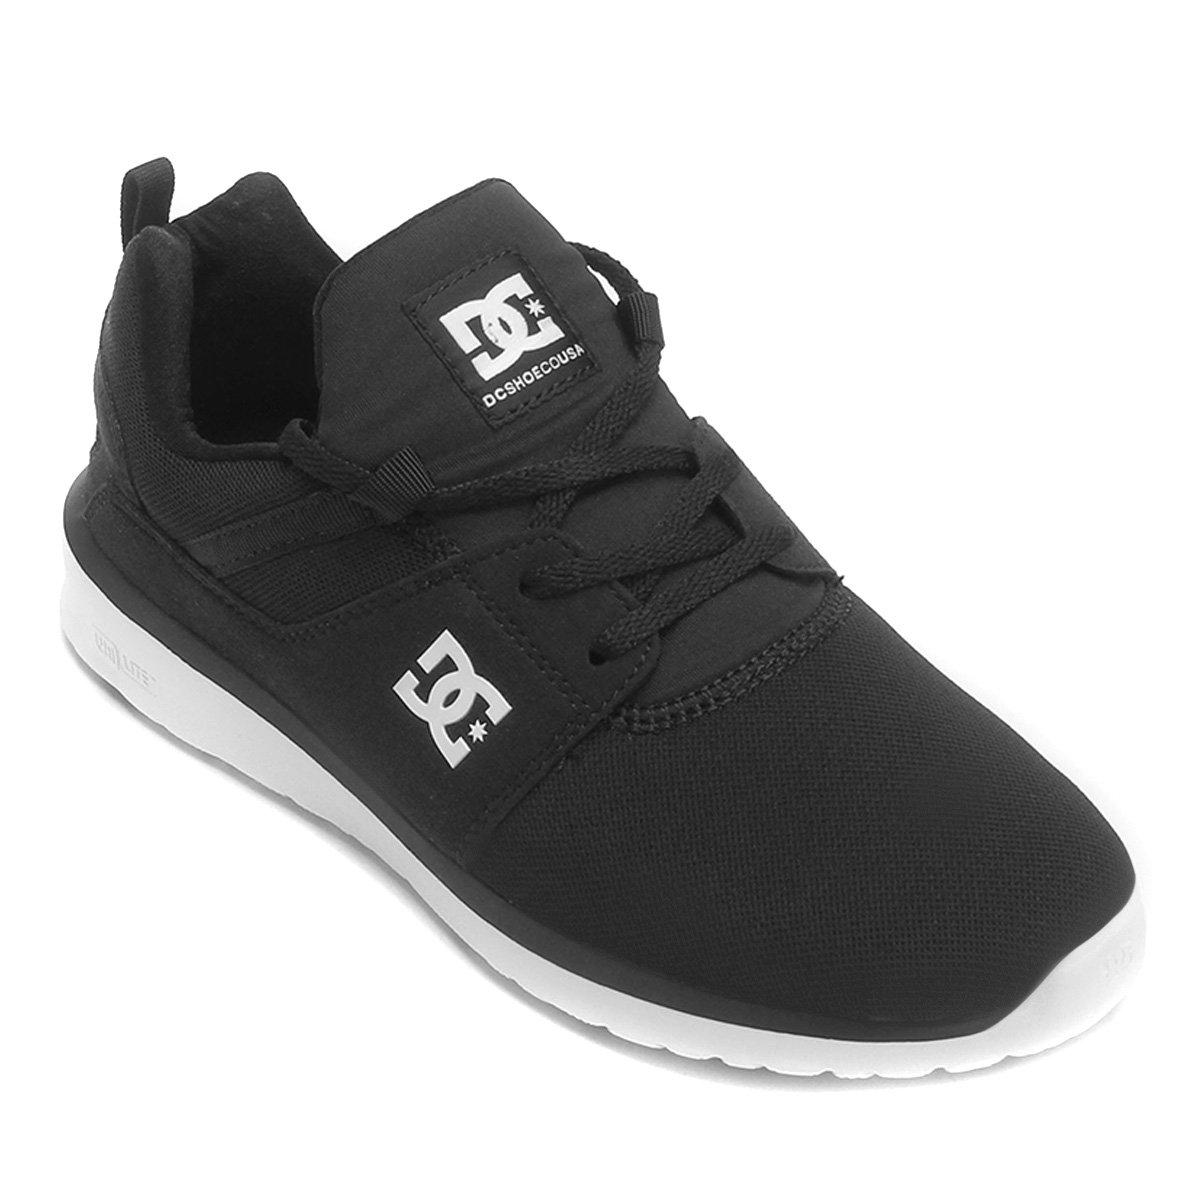 Tênis DC Compre sapatos Heathrow Masculino Compre DC Agora Netsapatos 8e7259